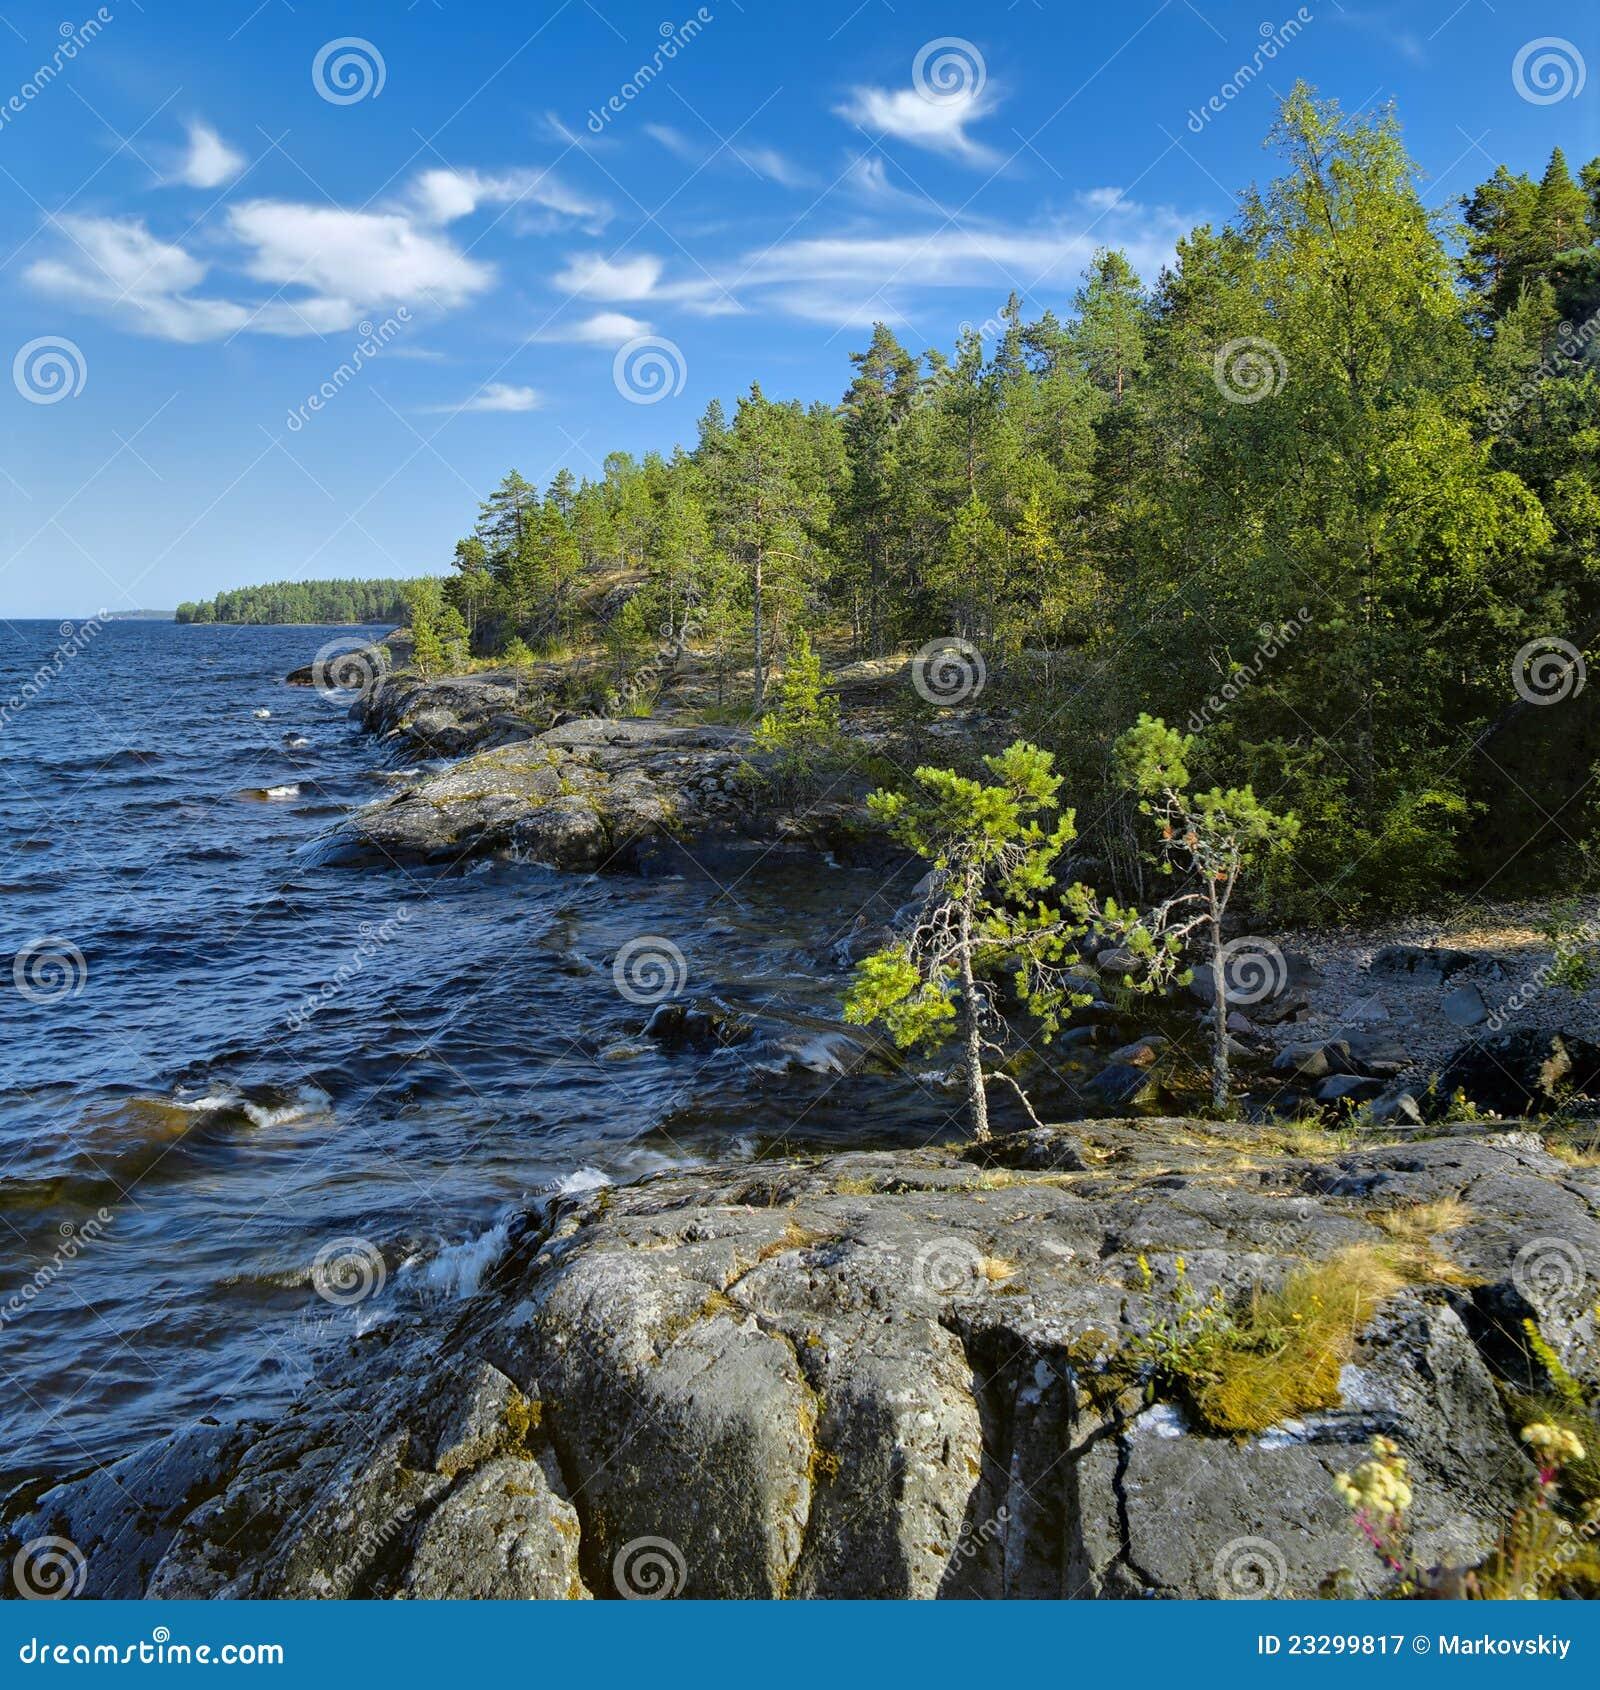 Stony shore of Ladoga lake stock image. Image of beautiful ...